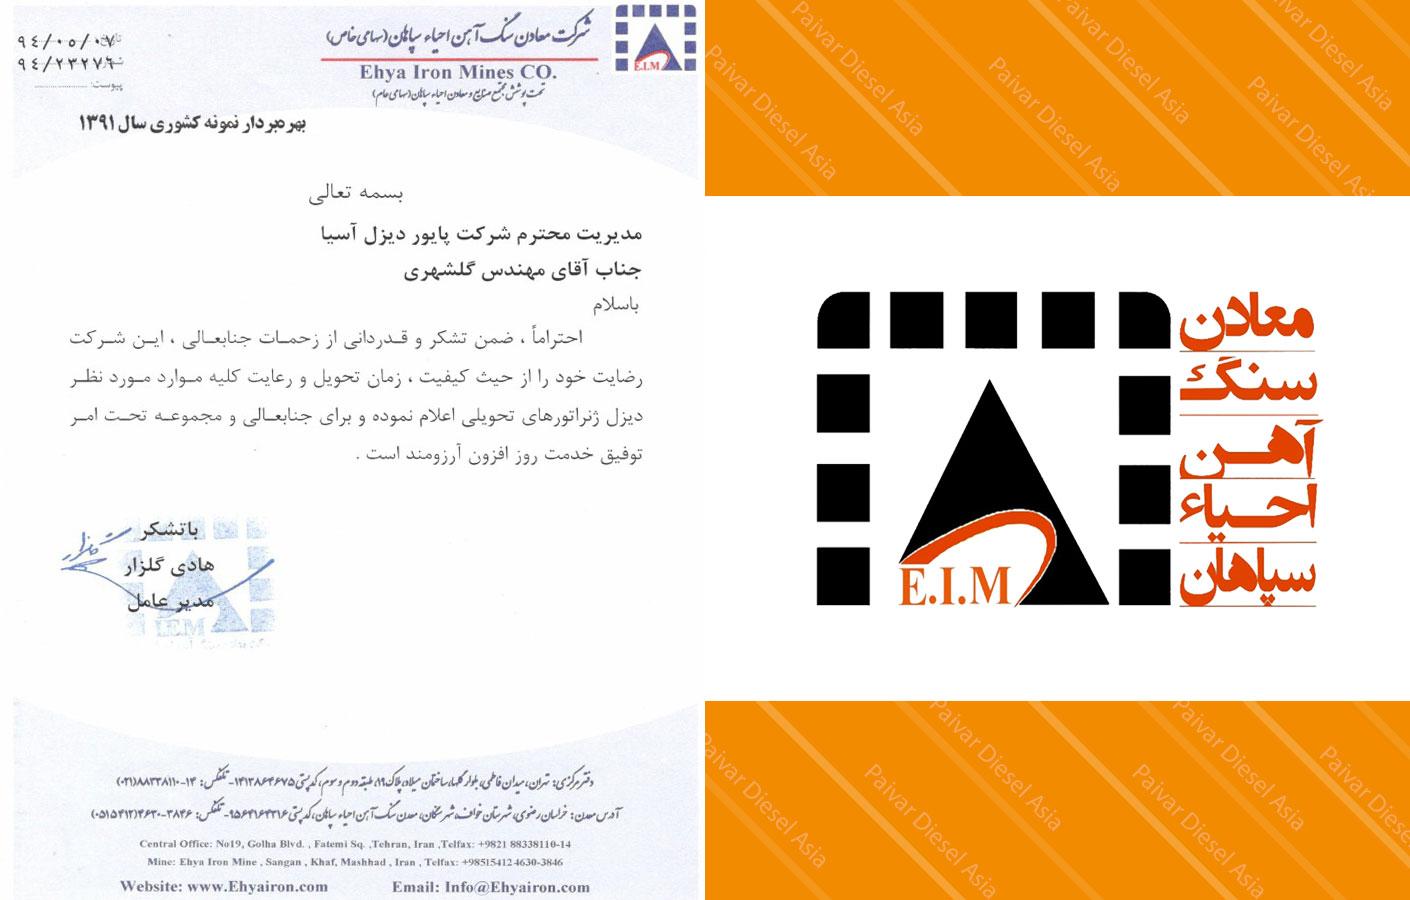 رضایت نامه شرکت معادن آهن احیاء